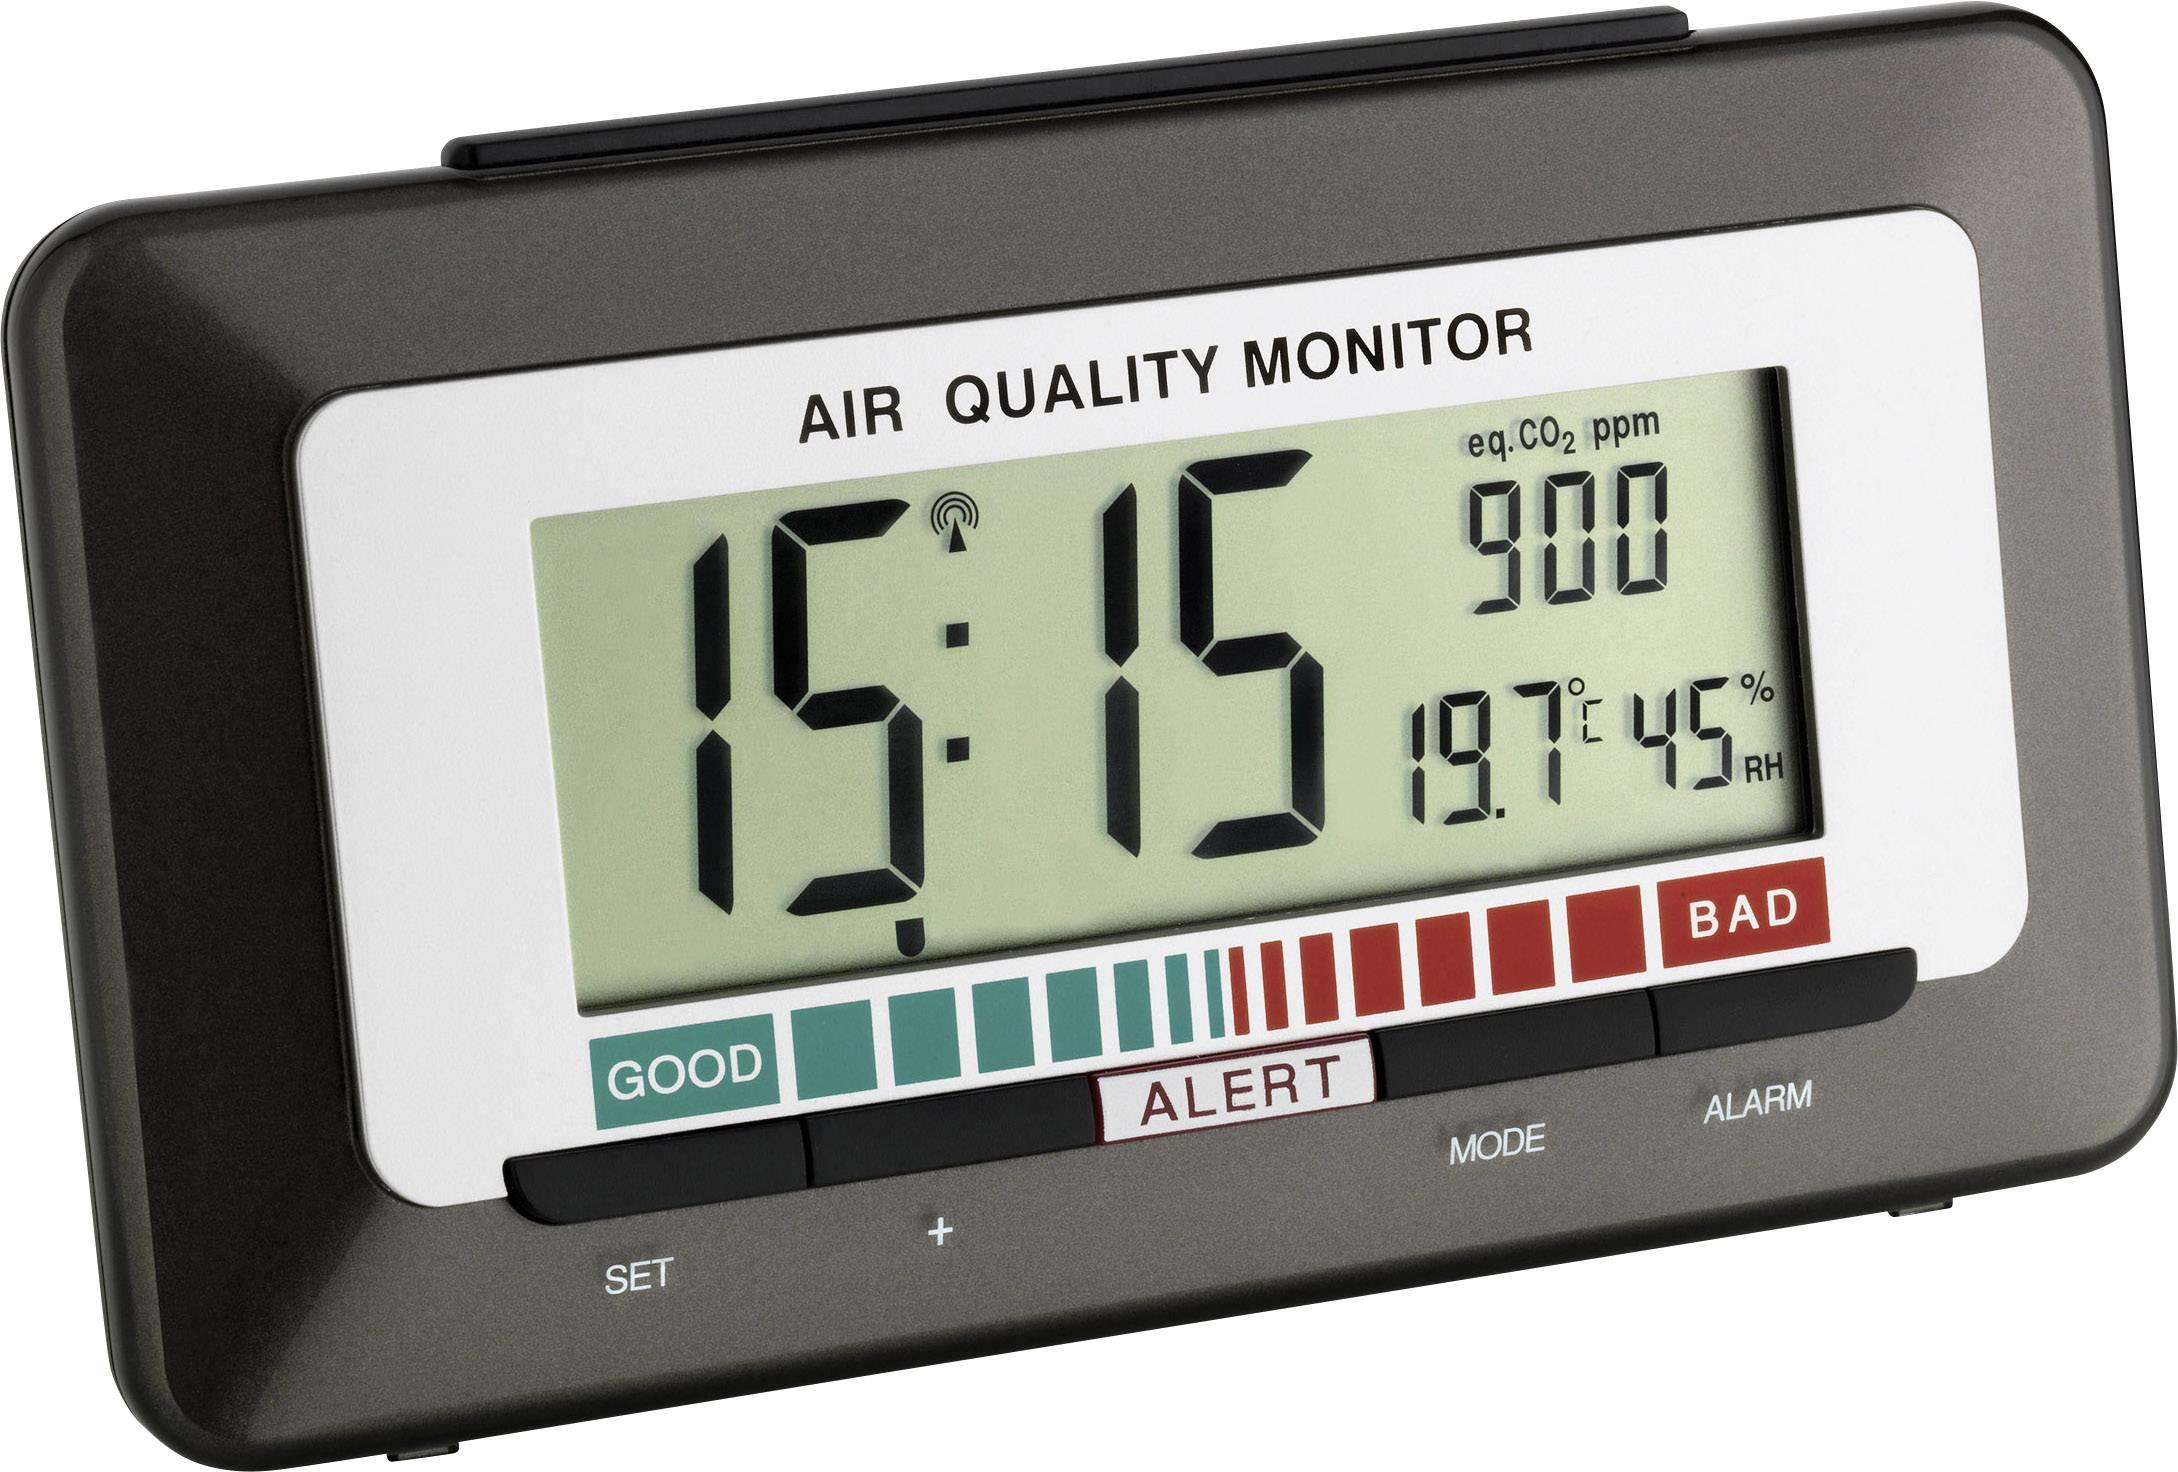 DCF budík s ukazatelem kvality vzduchu TFA 60.2527.10, časů buzení 1, antracitová